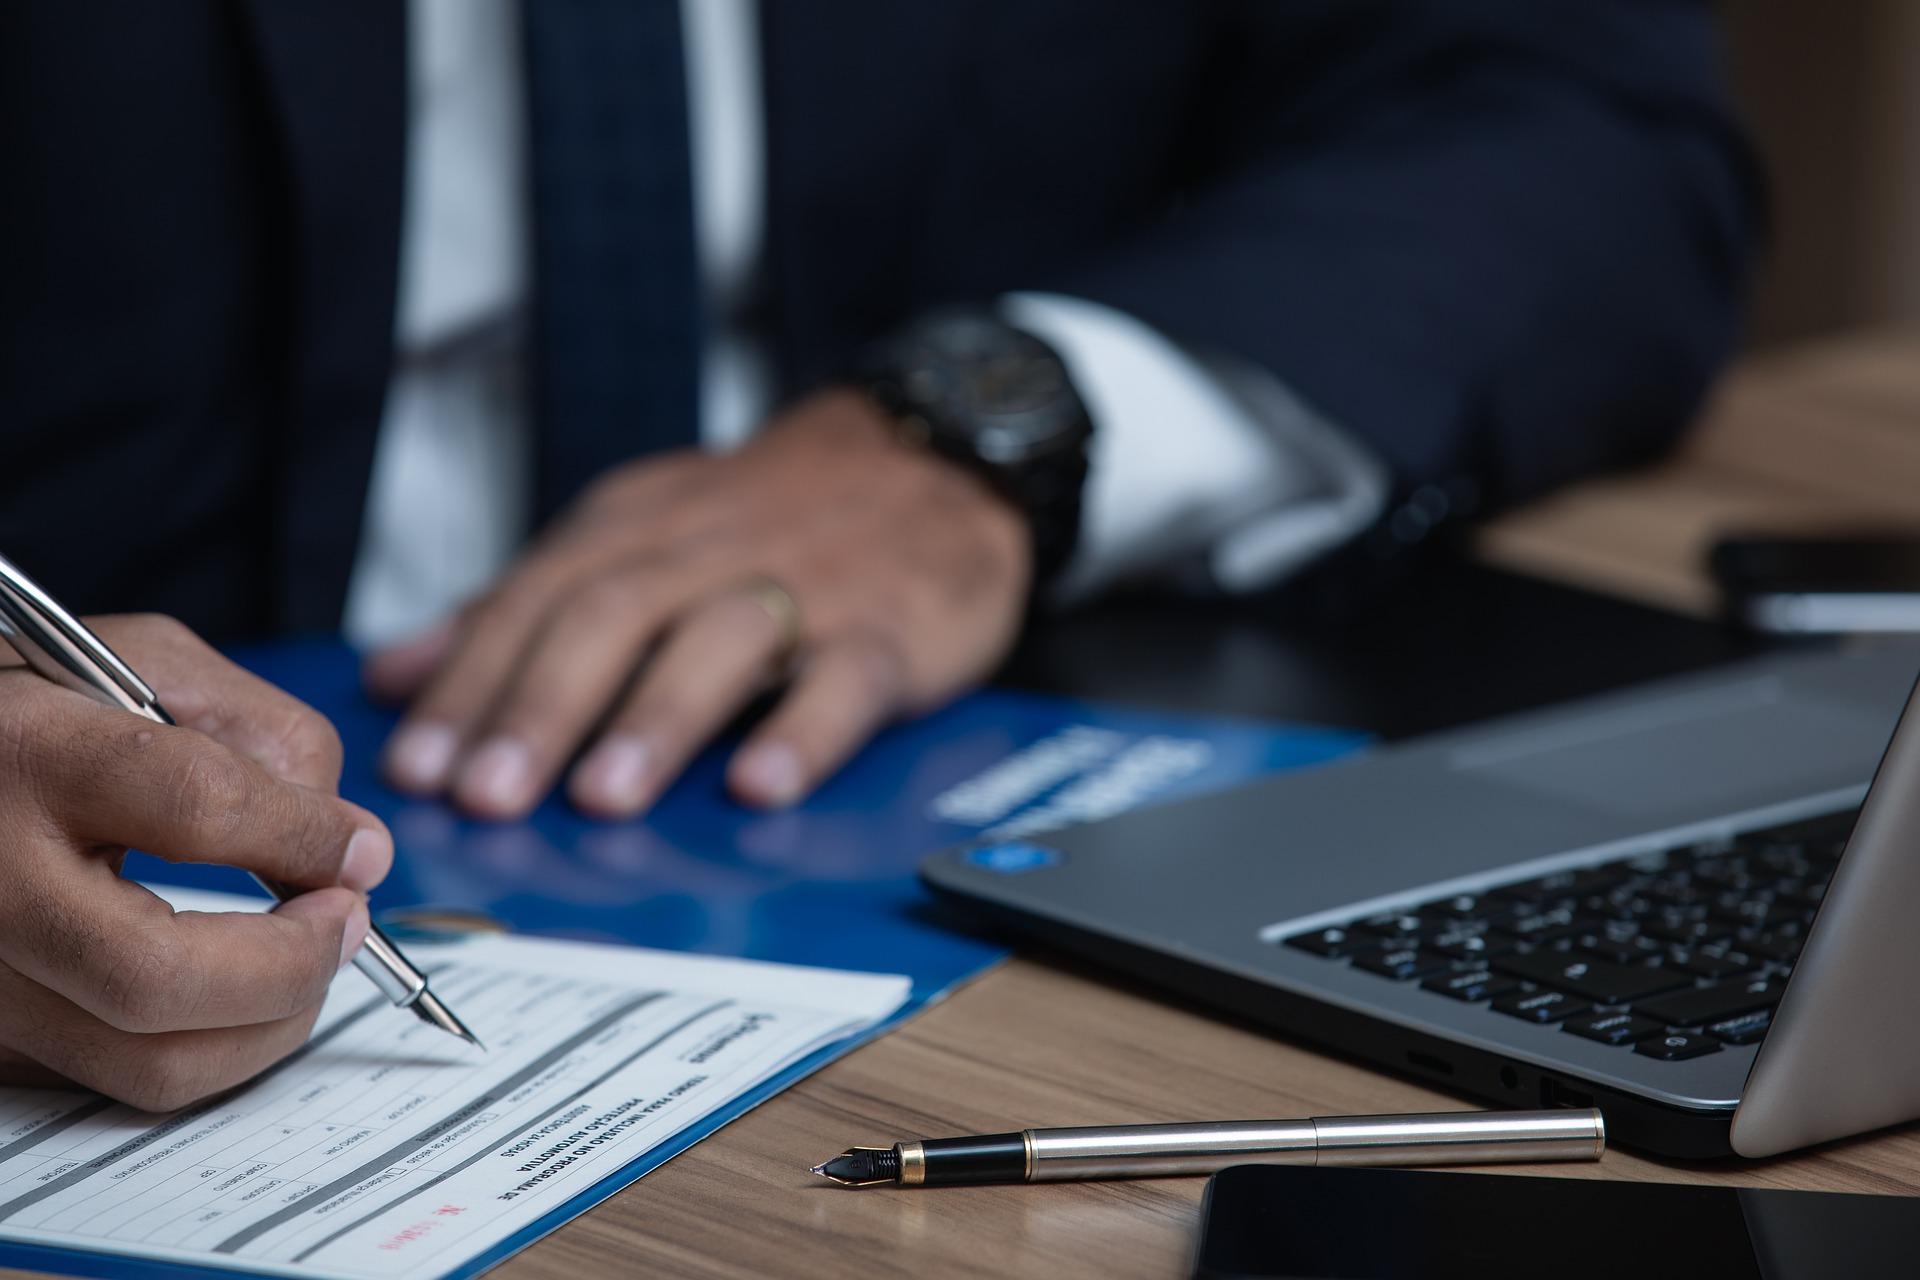 מה ההבדל בין נוטריון לעורך דין?